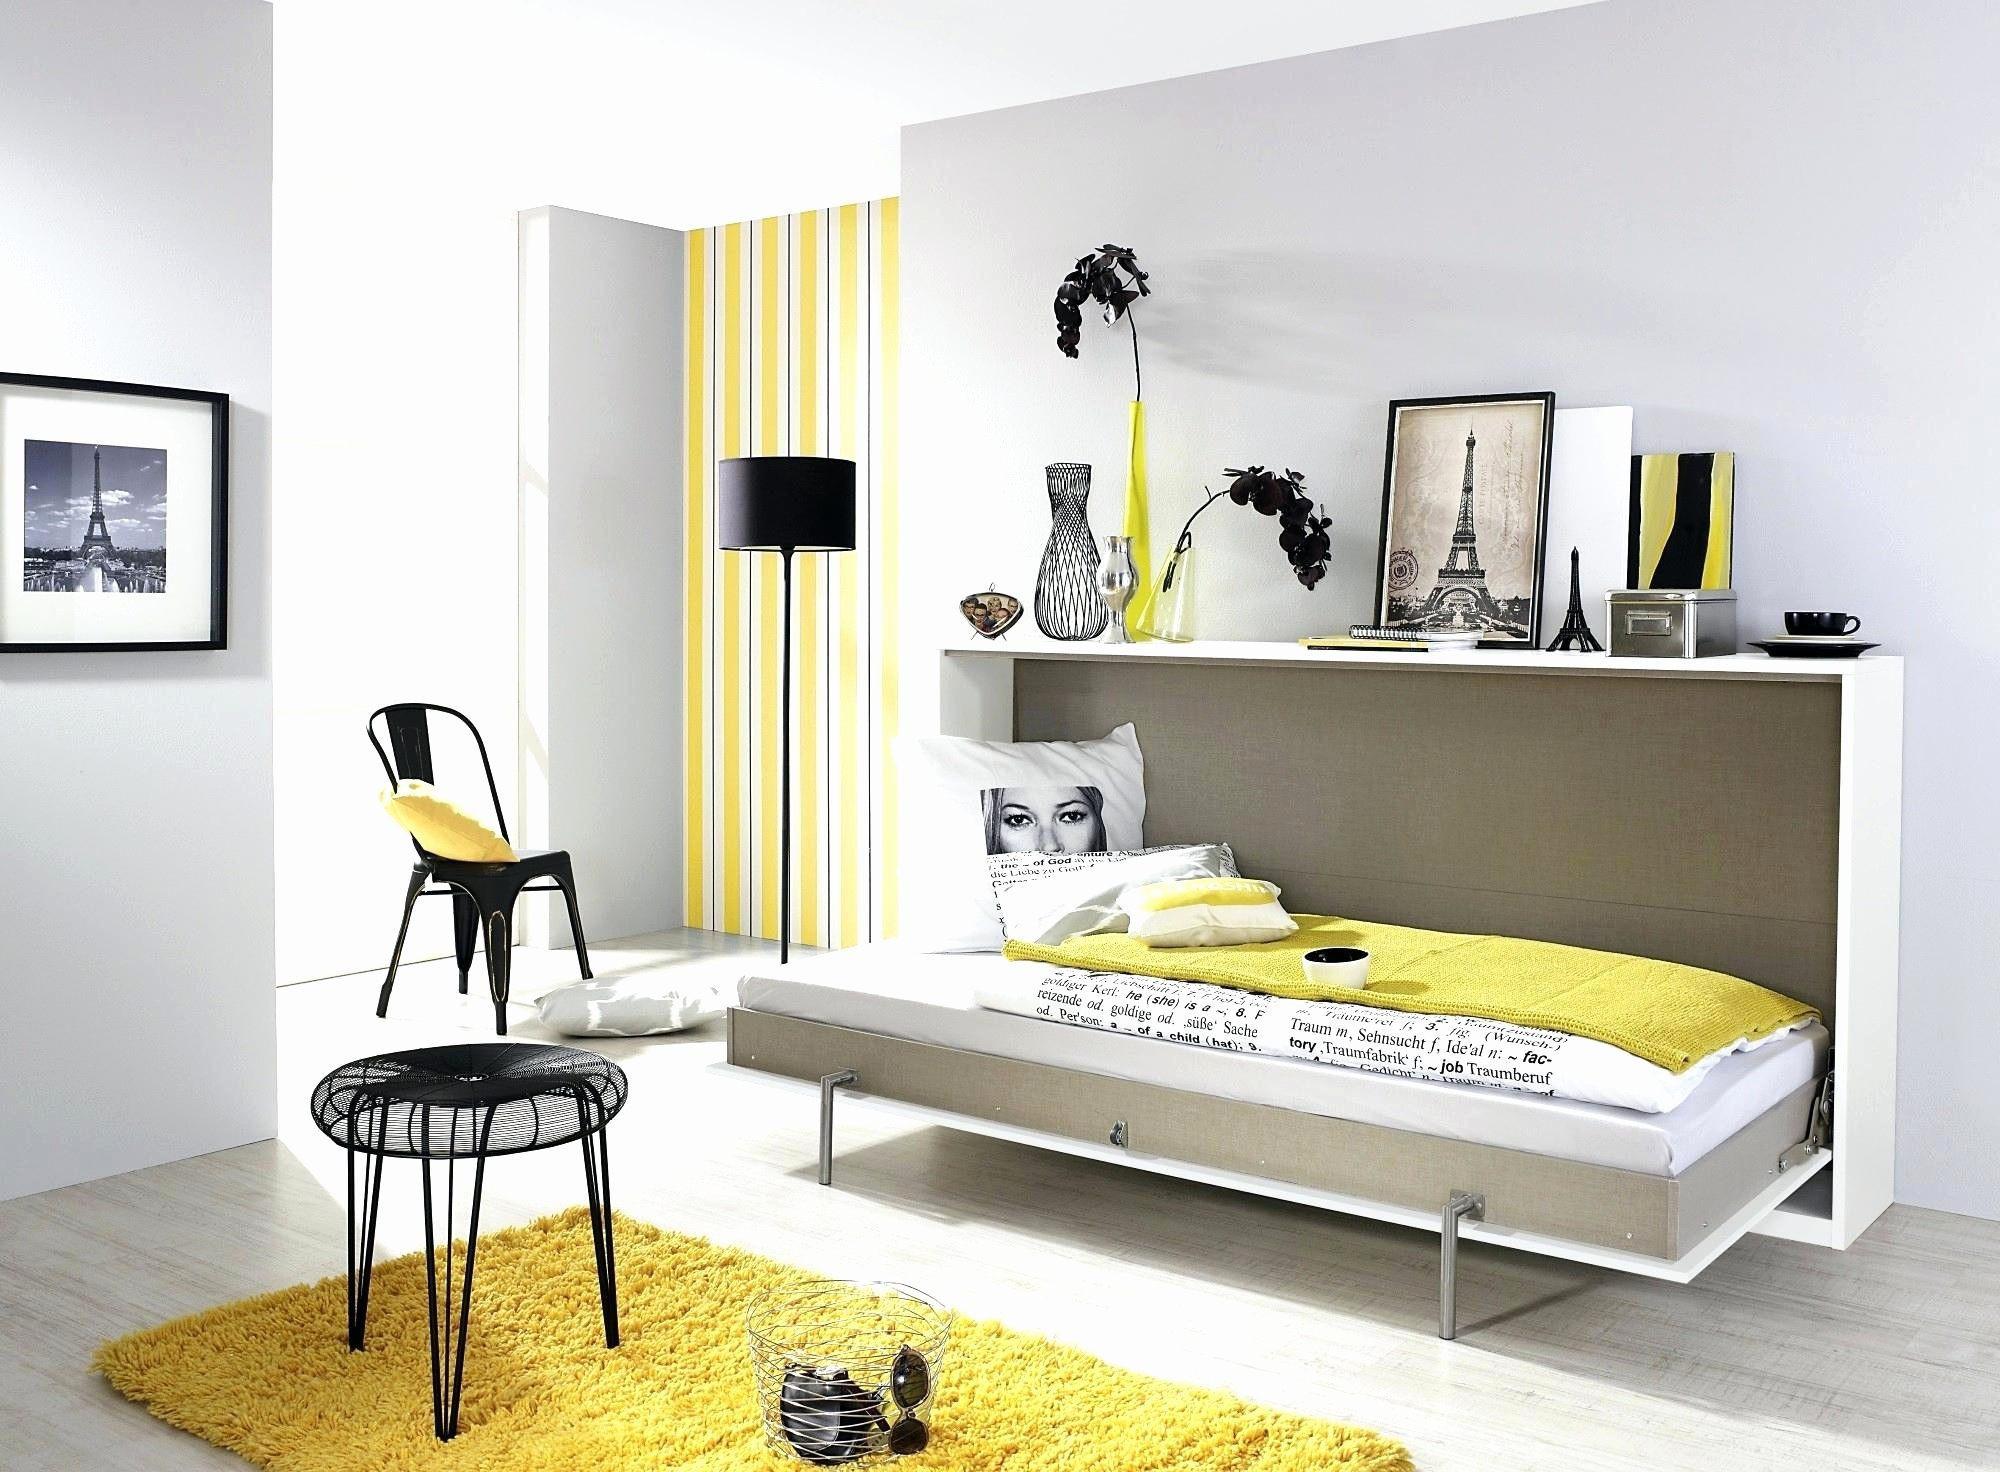 le bon coin meubles d occasion bon coin 54 meuble le bon coin 66 meubles bureau le bon coin le bon of le bon coin meubles d occasion